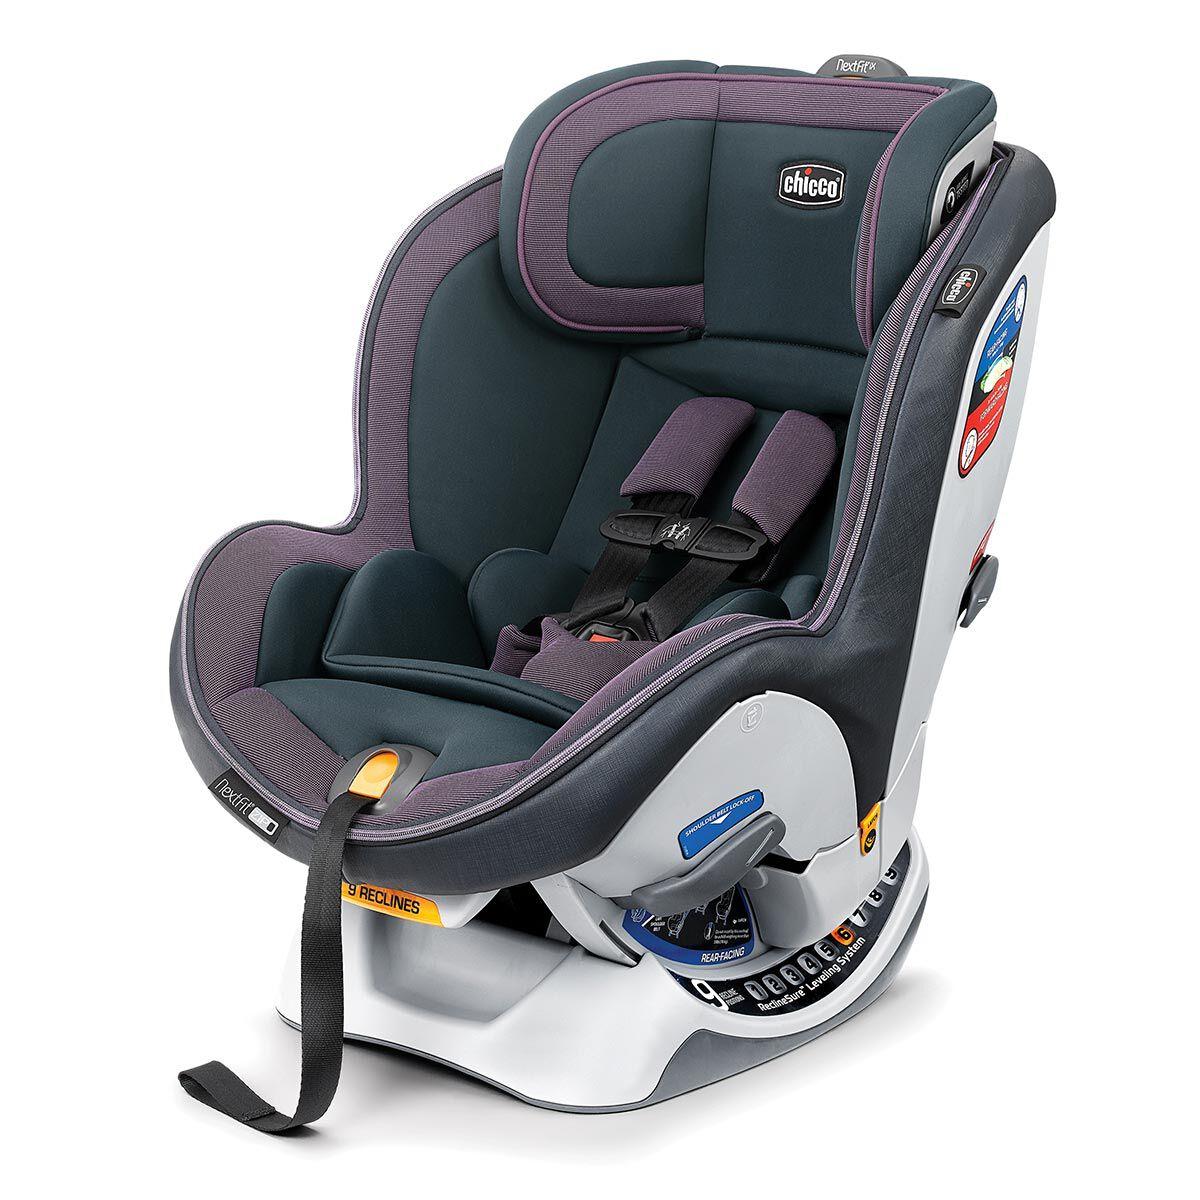 Nextfit ix zip convertible car seat starletchicco nextfit ix convertible car seat rear facing and forward facing modes